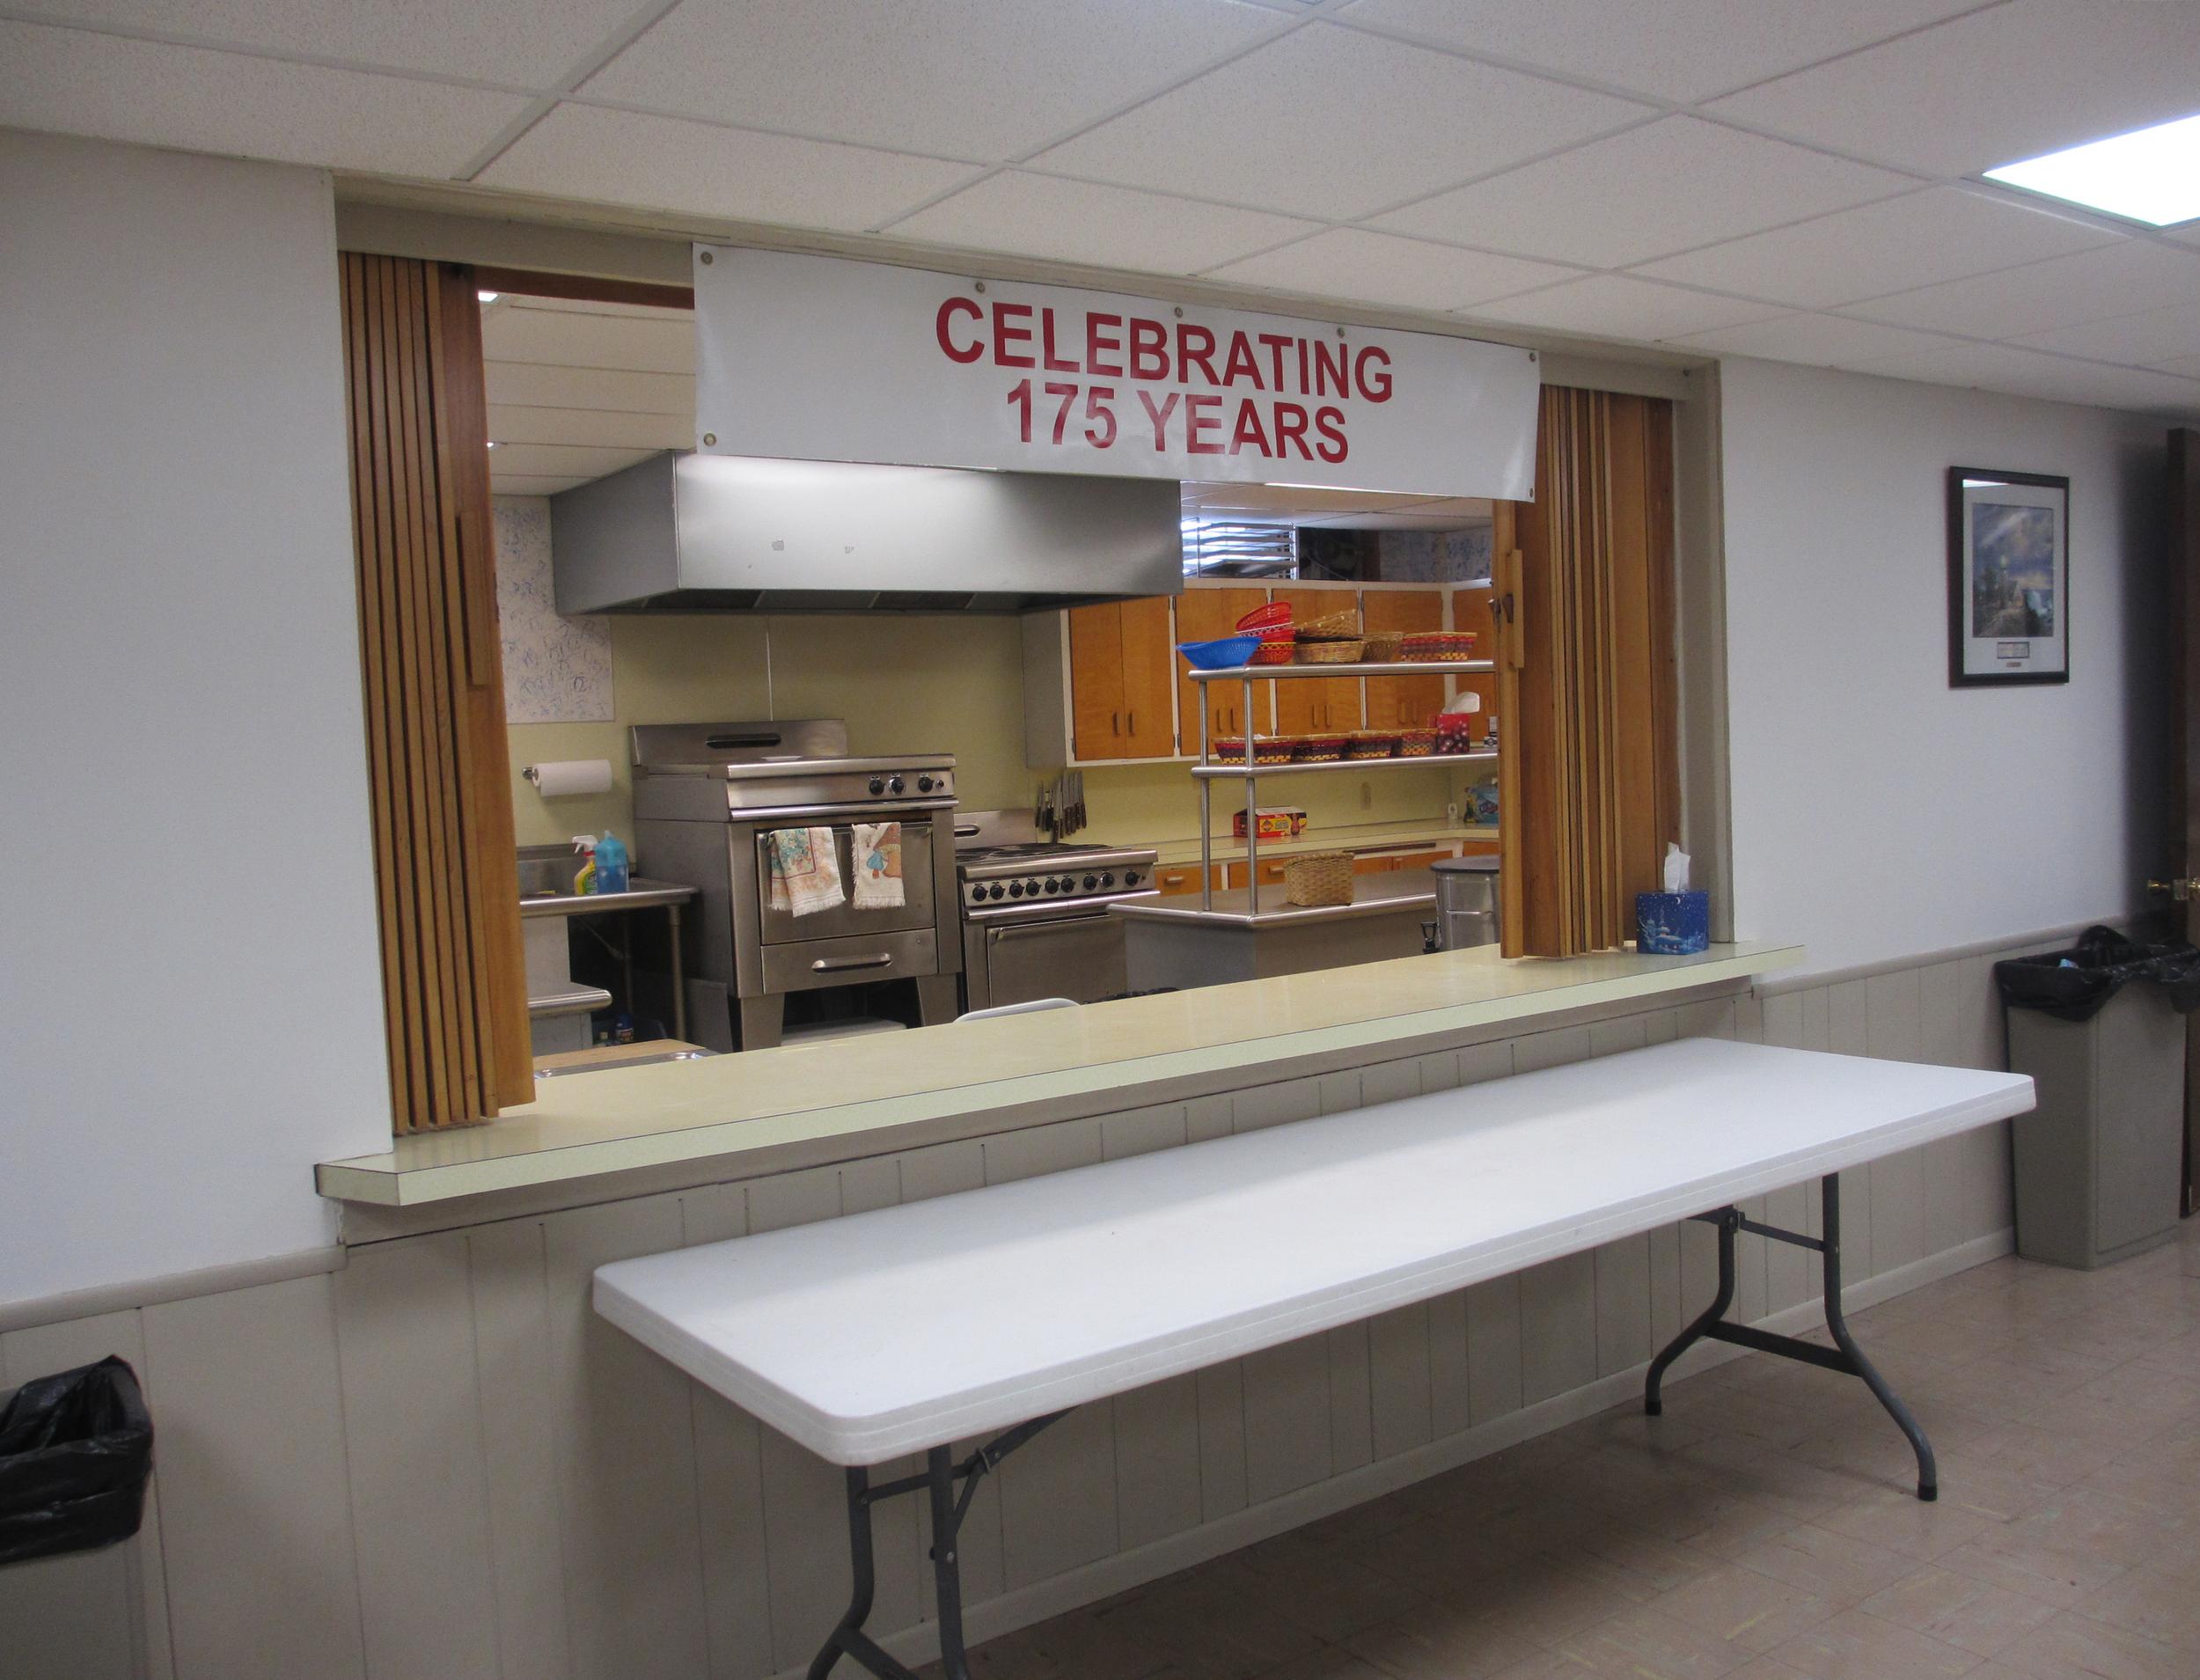 Kitchen Serving Area.jpg